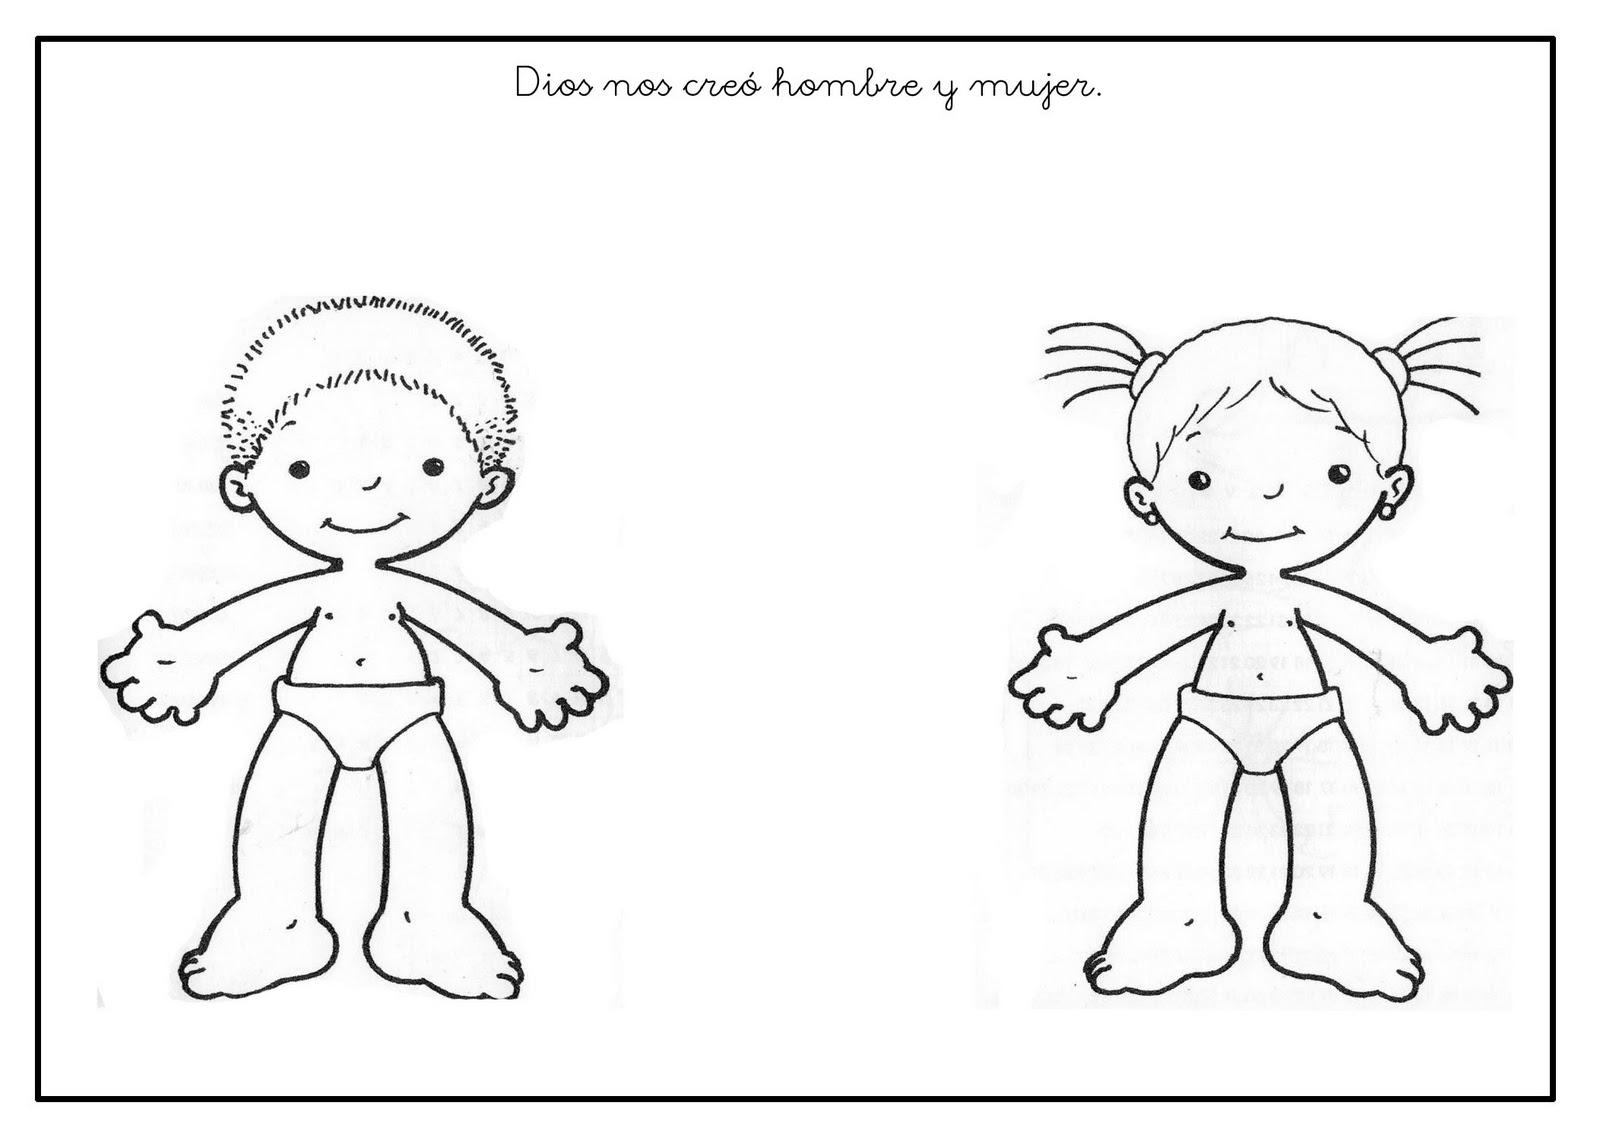 Dibujo Para Colorear Niño Y Niña: Ficha: Dios Nos Creó Hombre Y Mujer